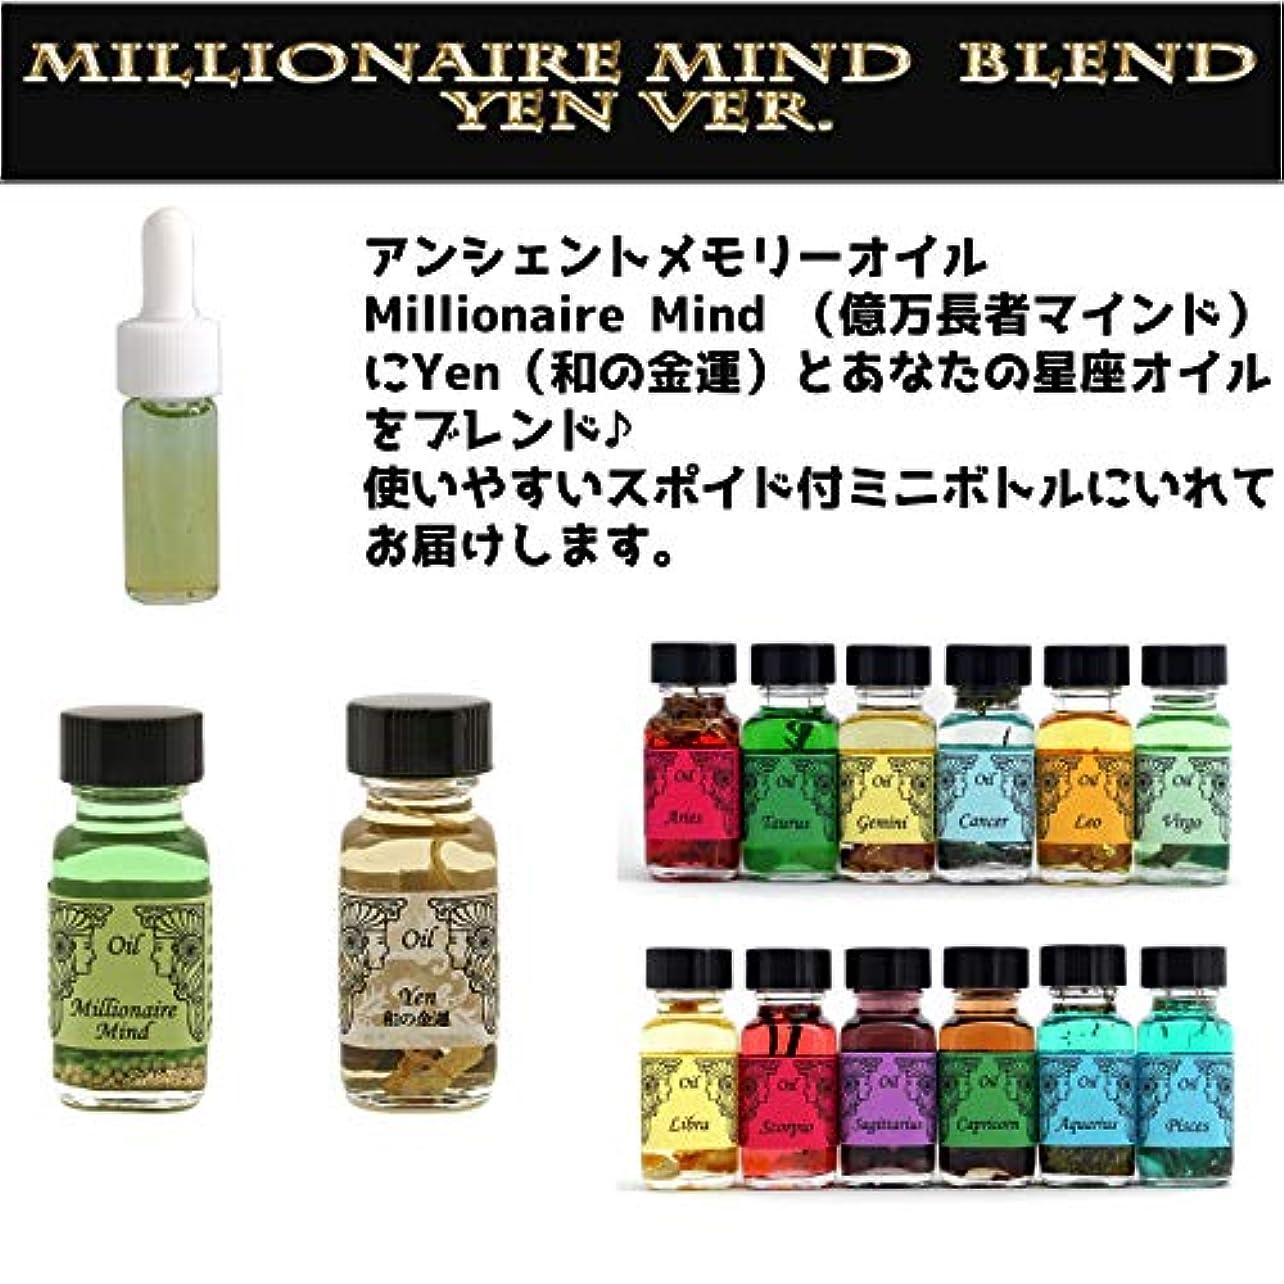 アンシェントメモリーオイル Millionaire Mind 億万長者マインド ブレンド【Yen 和の金運&さそり座】